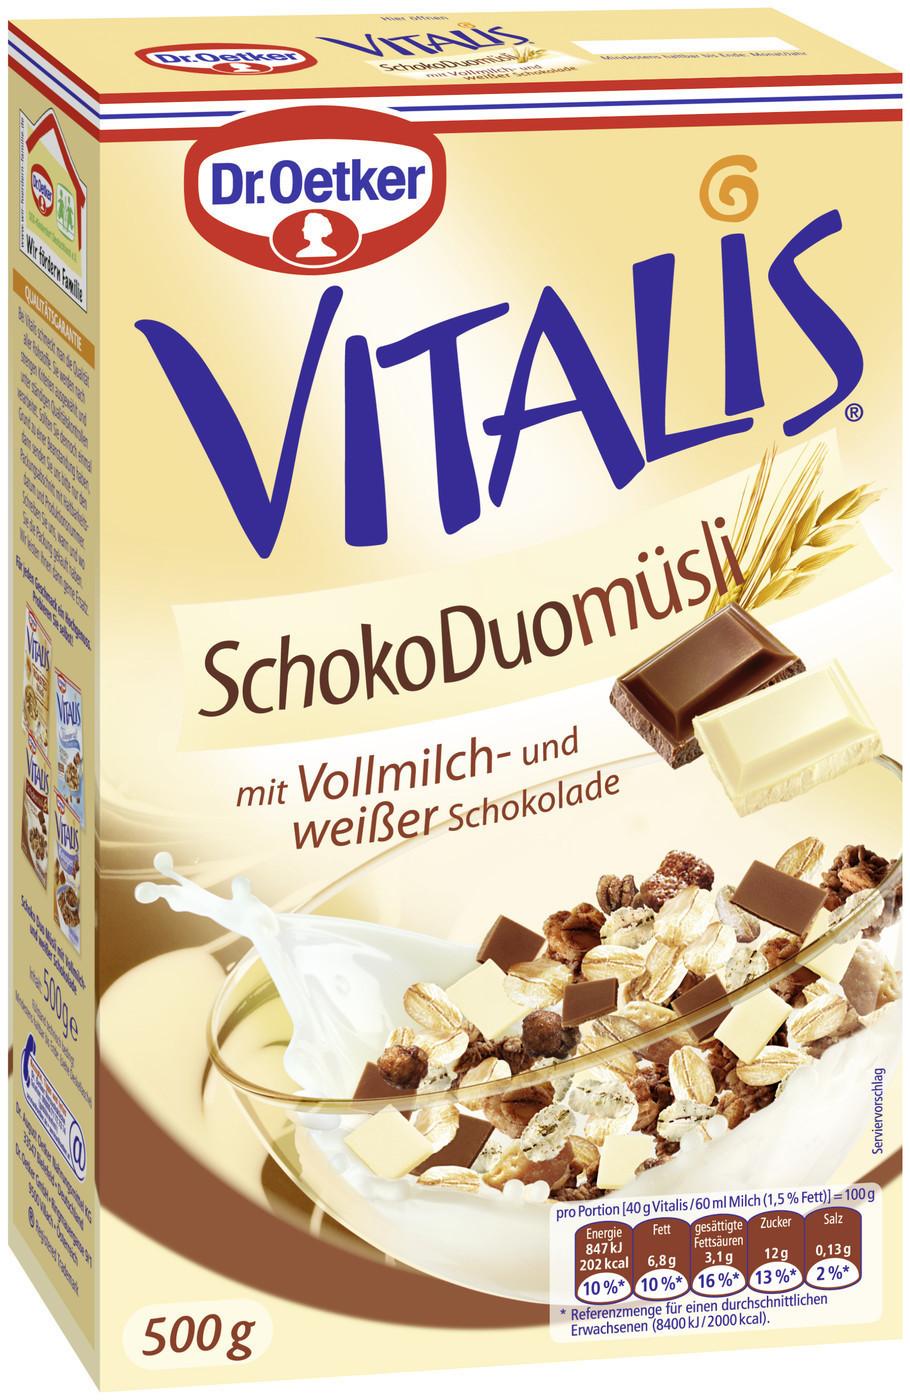 Dr. Oetker Vitalis Schoko Duo Müsli (500 g)